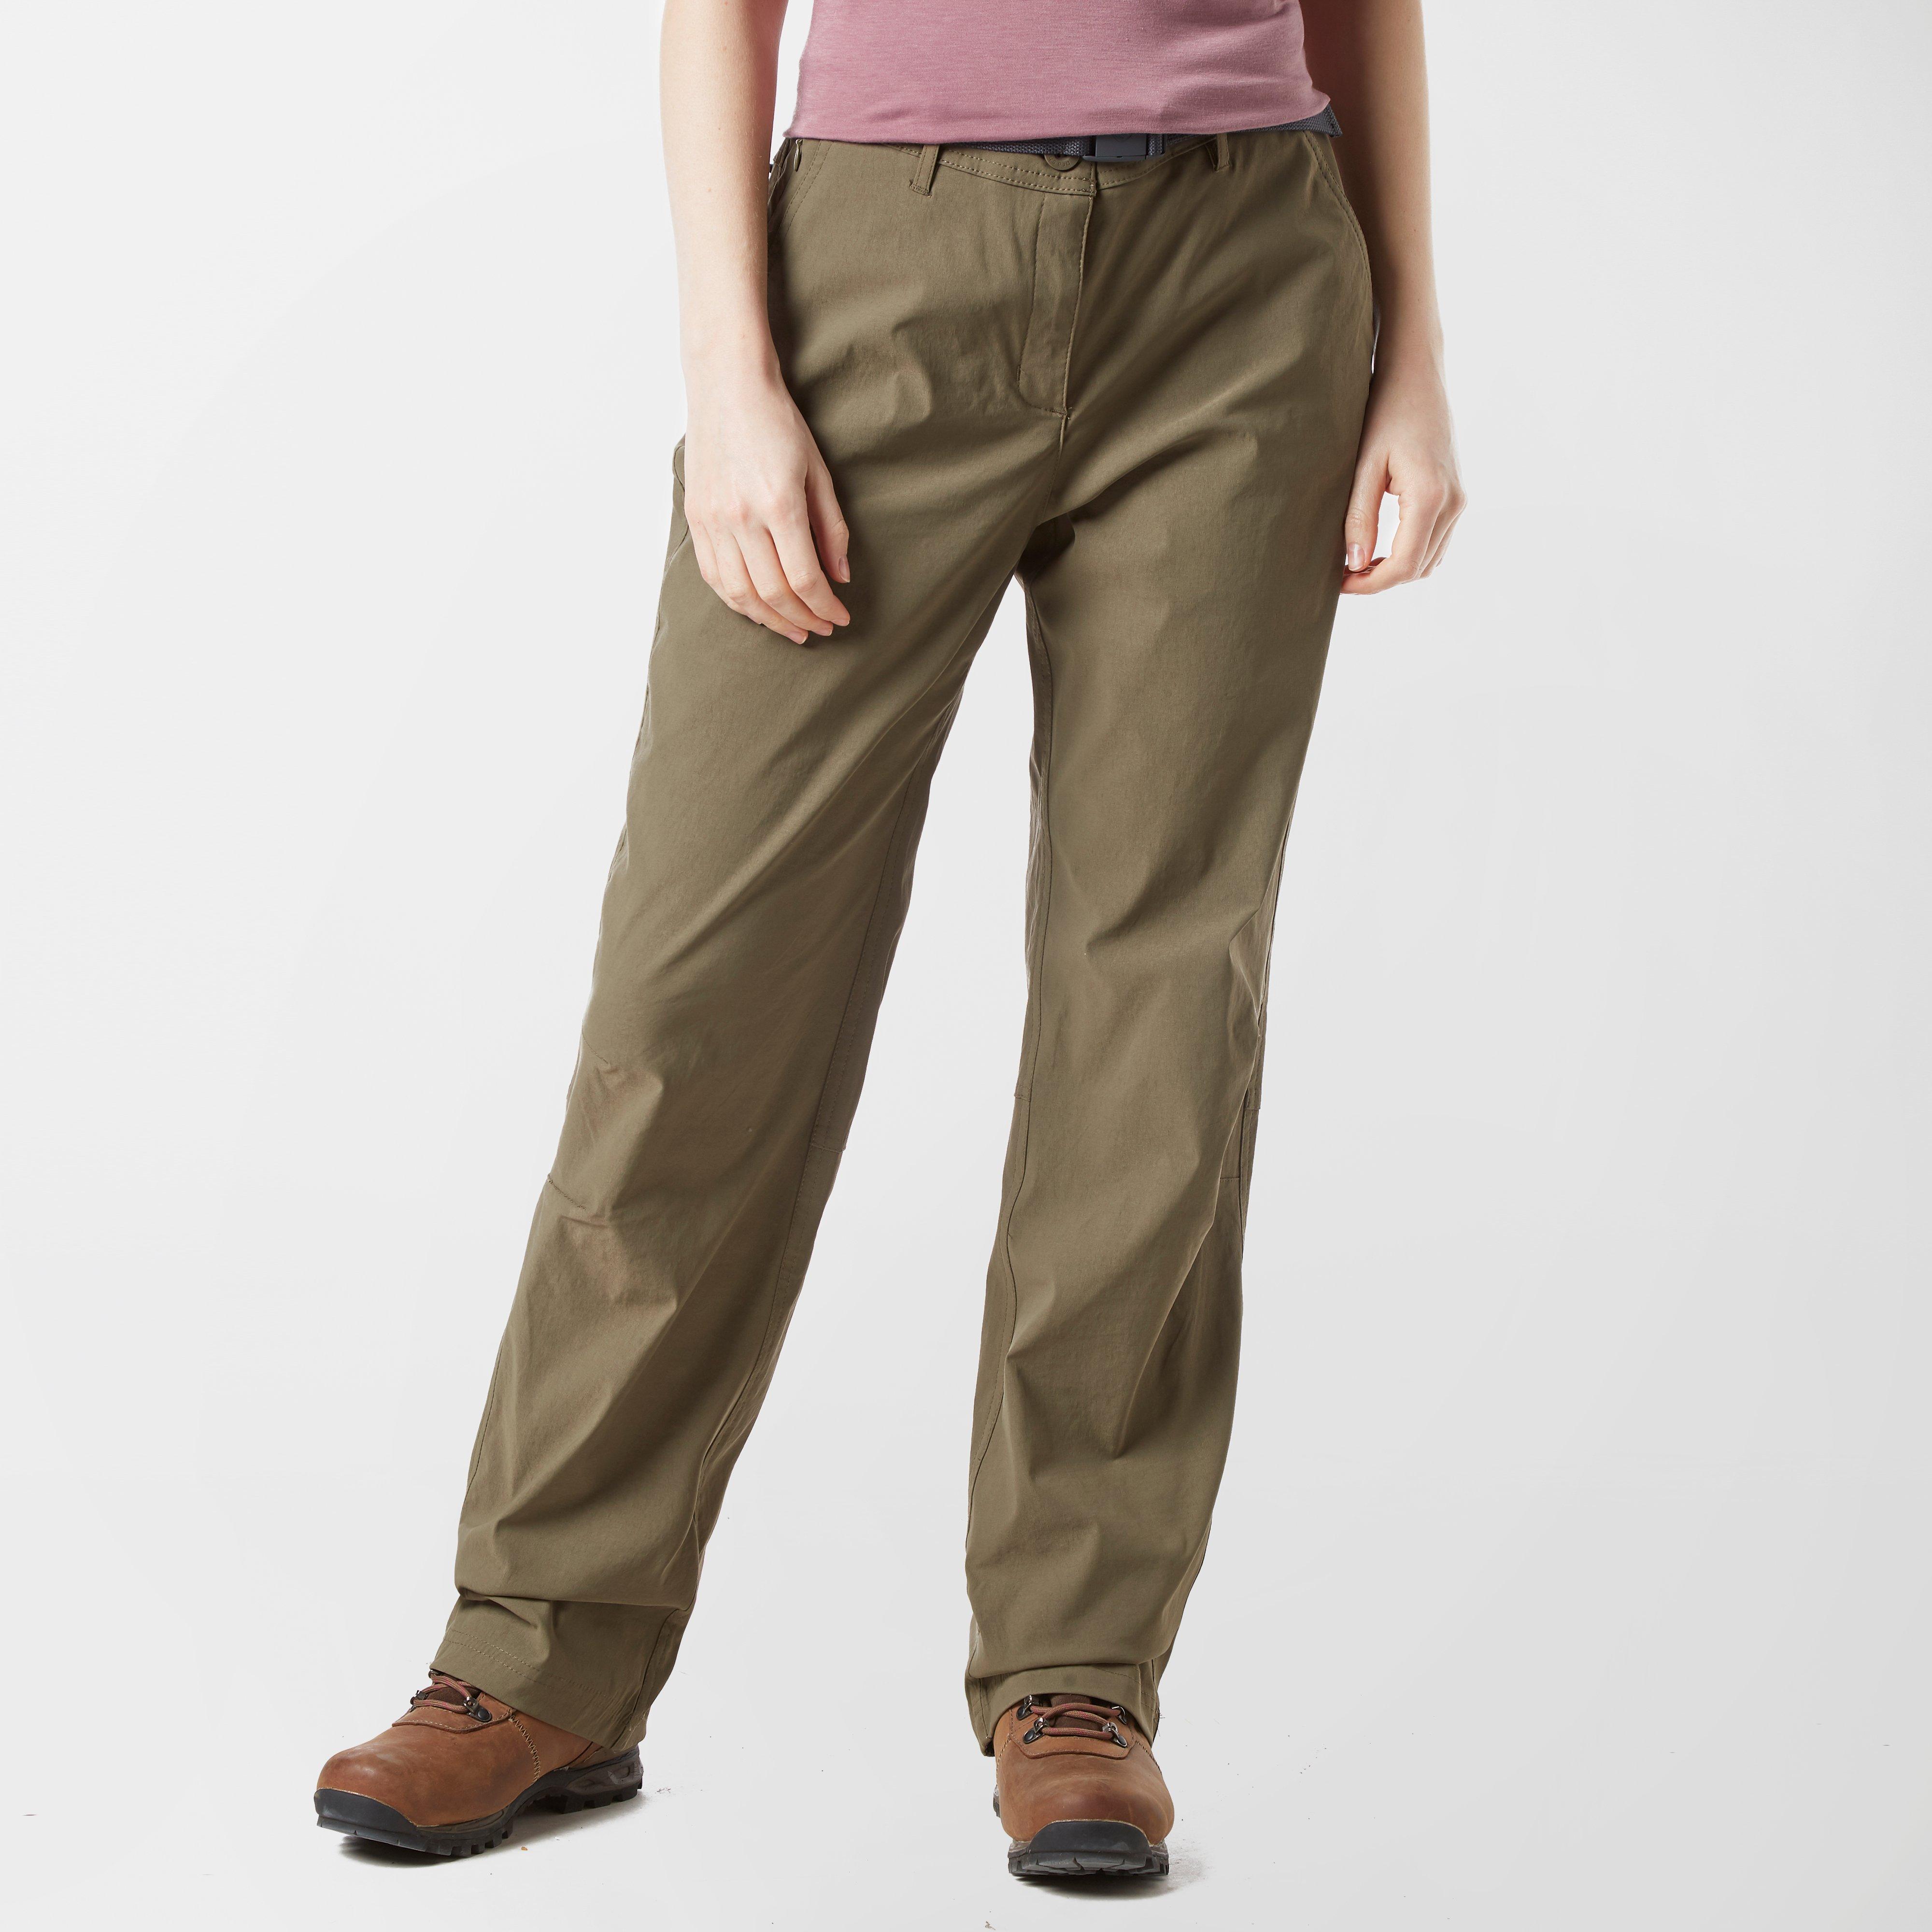 Brasher Womens Stretch Trousers - Khaki  Khaki